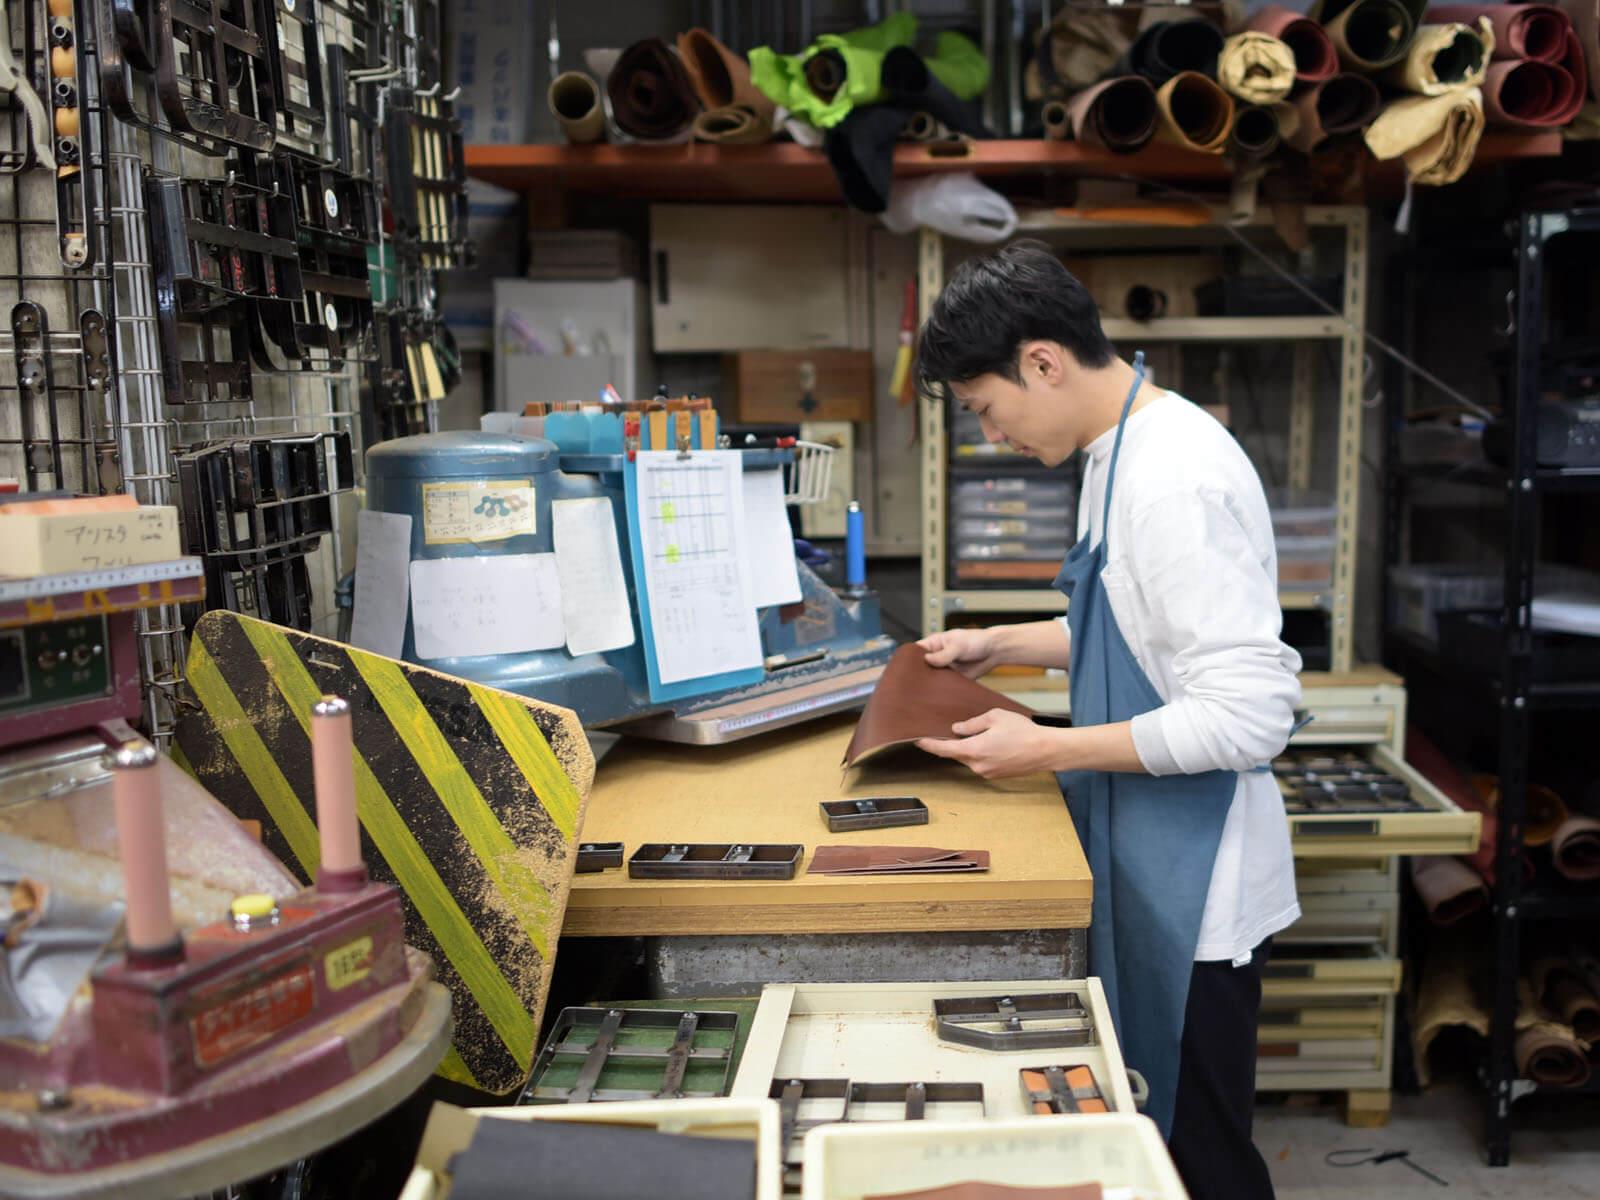 ちょっとしたプレゼントにもお勧め!彩り豊かな革小物 ~渋谷工房作り手:隆太郎~